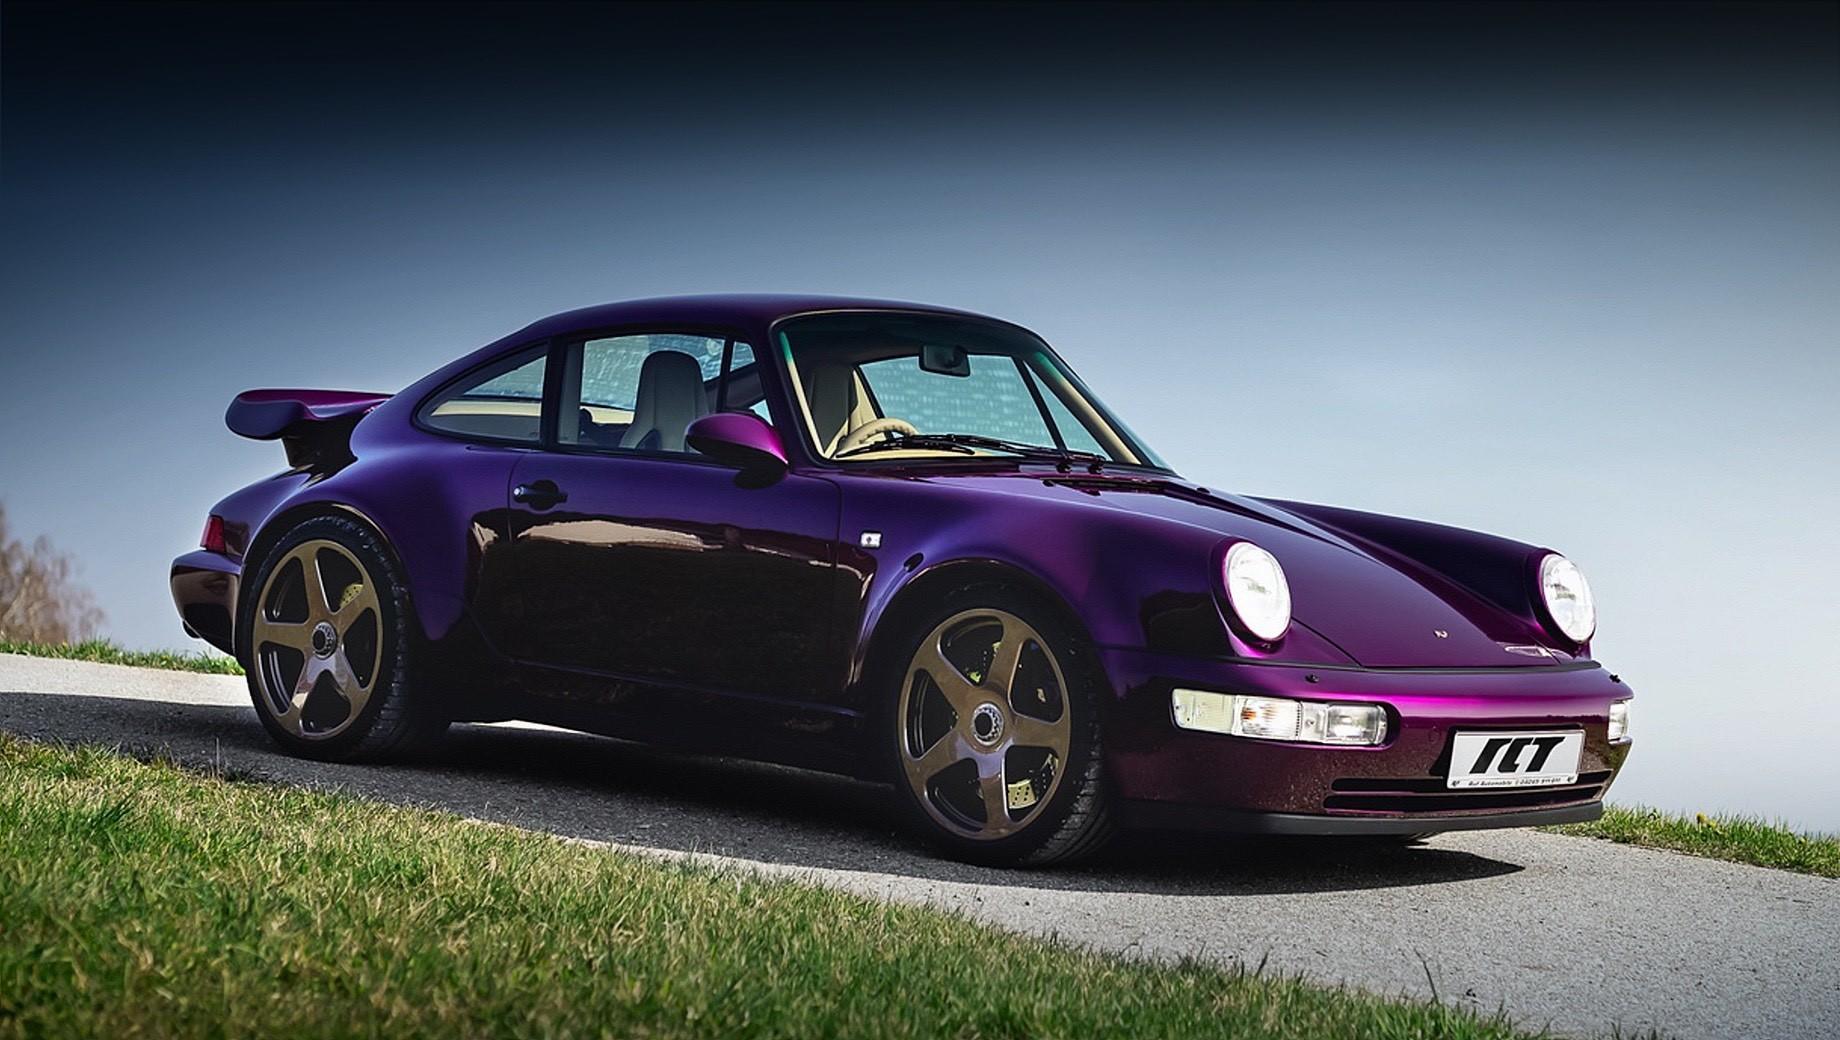 Porsche 911,Porsche 964,Porsche 911 964. «Автомобиль вызывает те же ощущения, которые можно ожидать от купе 964, но с большей мощностью и меньшим весом для более высоких общих характеристик. Рецепт не изменился, ингредиенты стали лучше», — сказала Эстония Руф, директор по маркетингу фирмы Ruf Automobile.